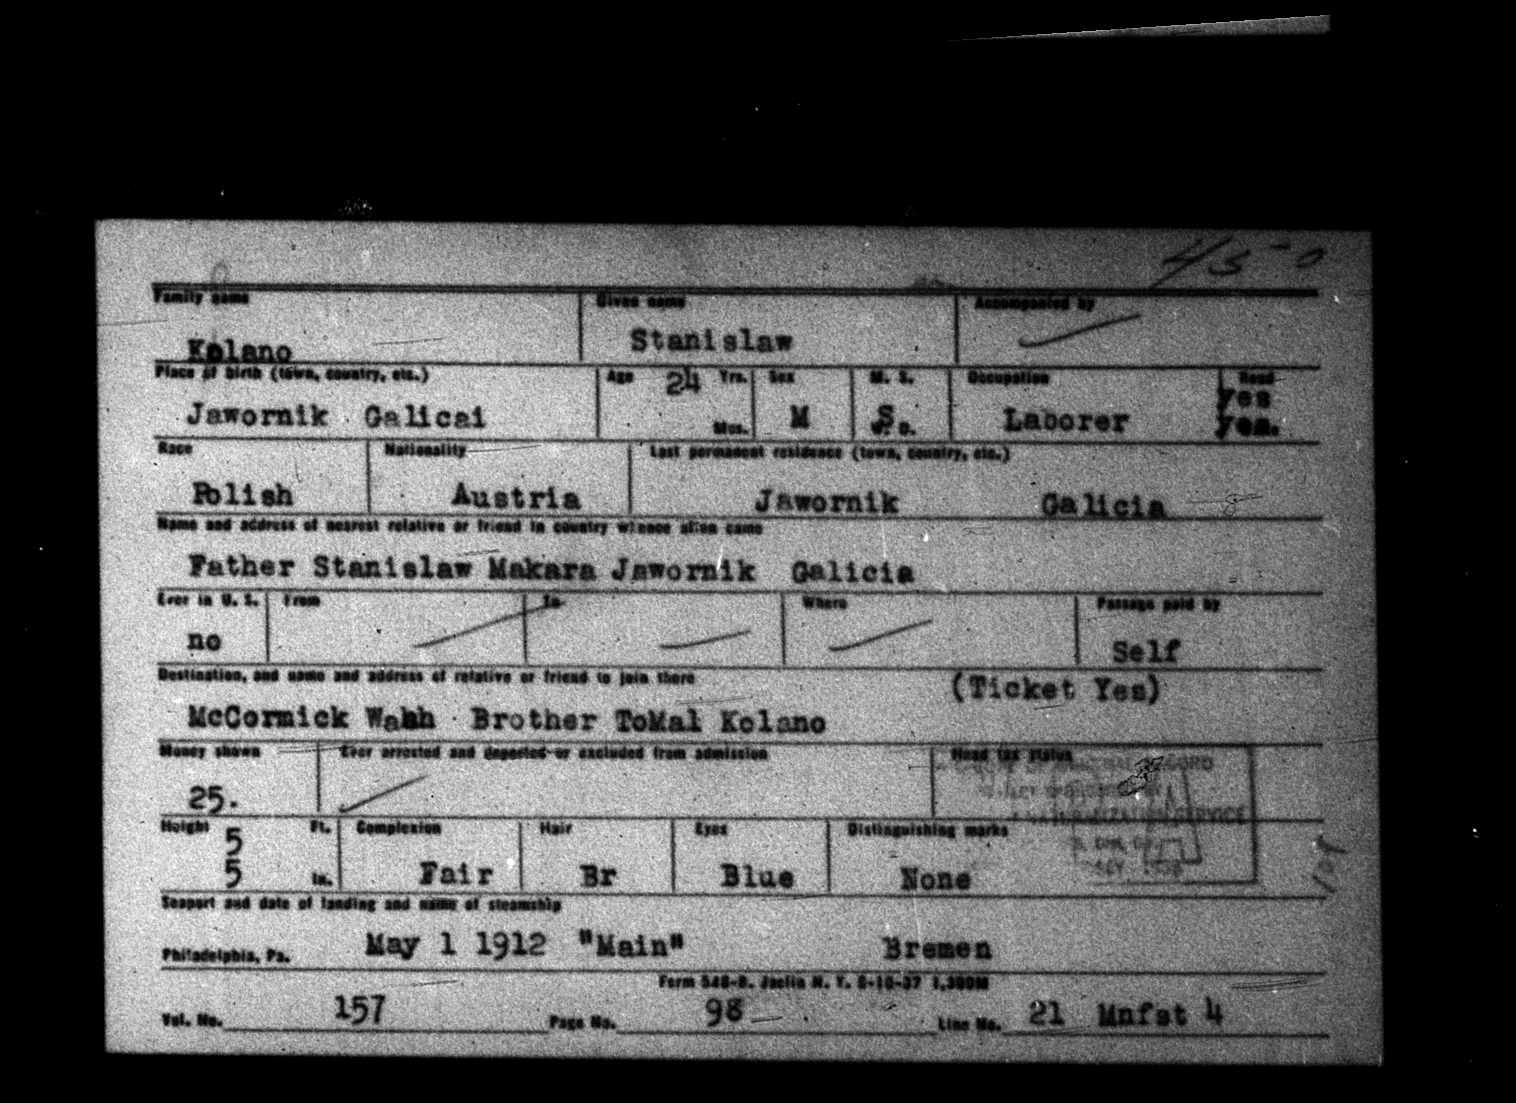 Stanislaw Kalano Kolano ship ticket 1912 copy